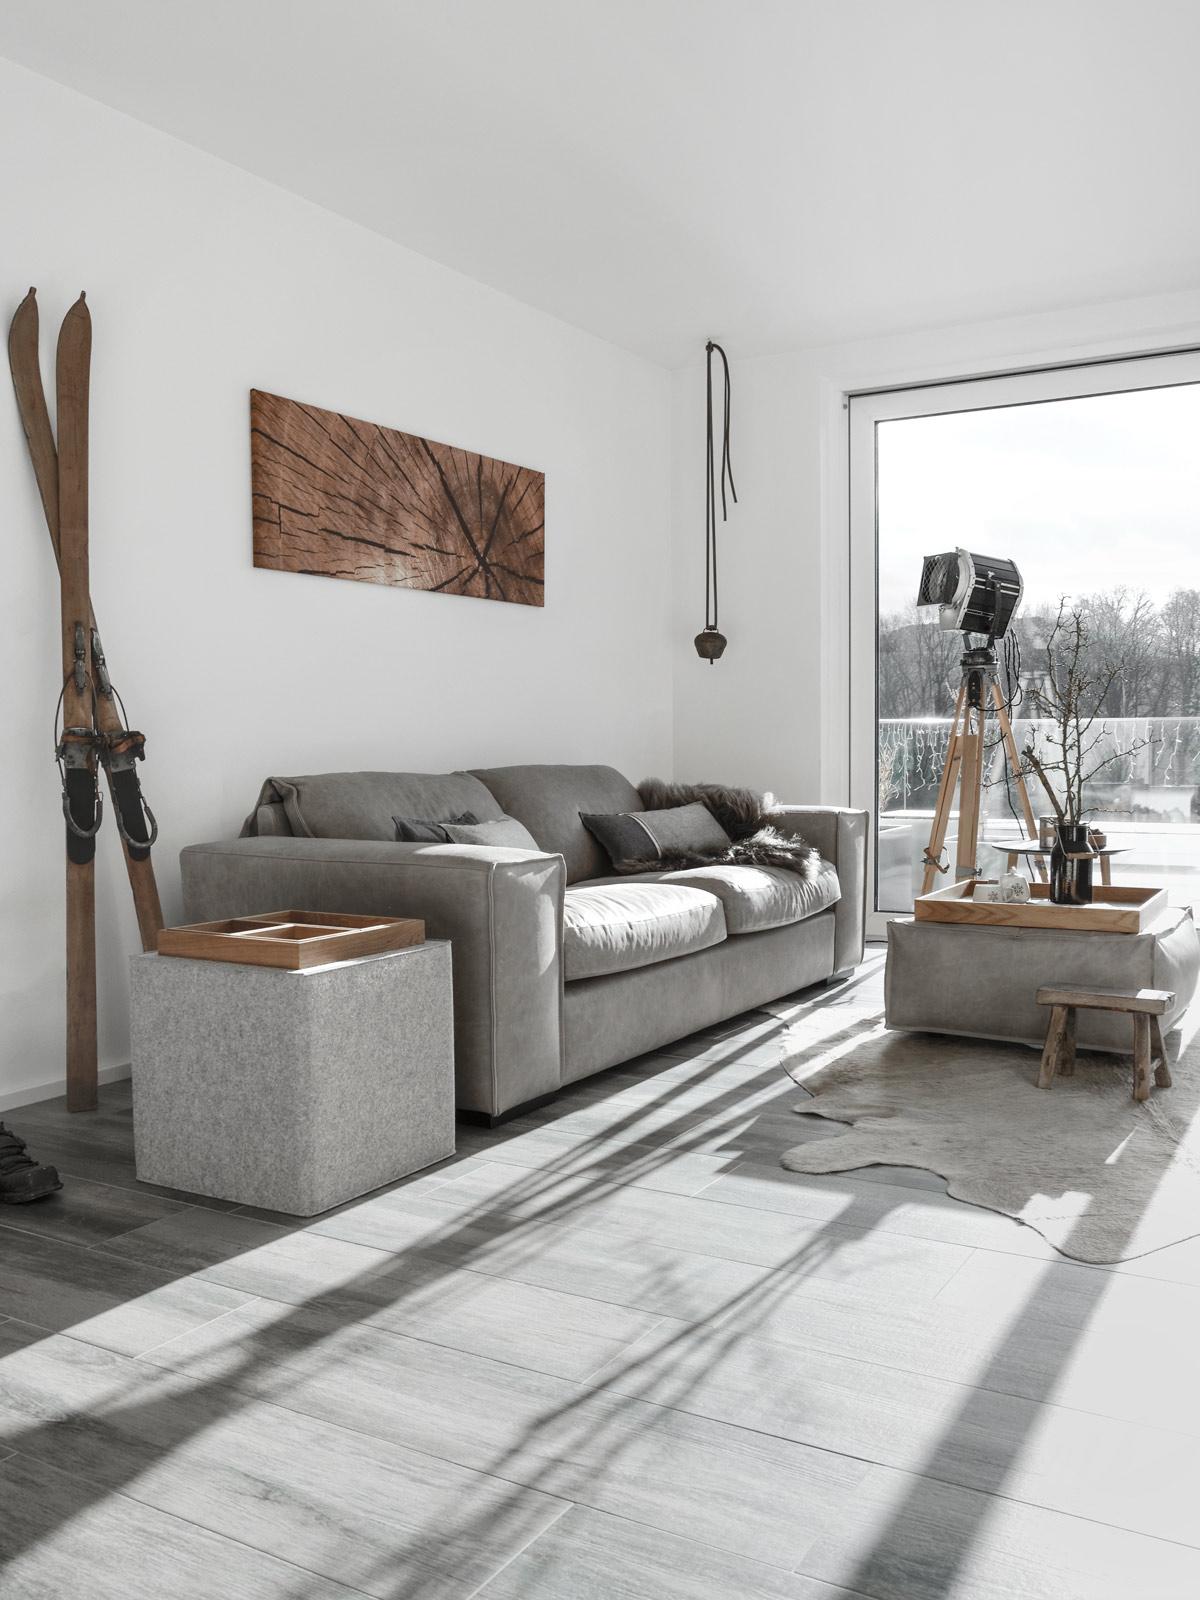 Wohnzimmer im Alpenlook